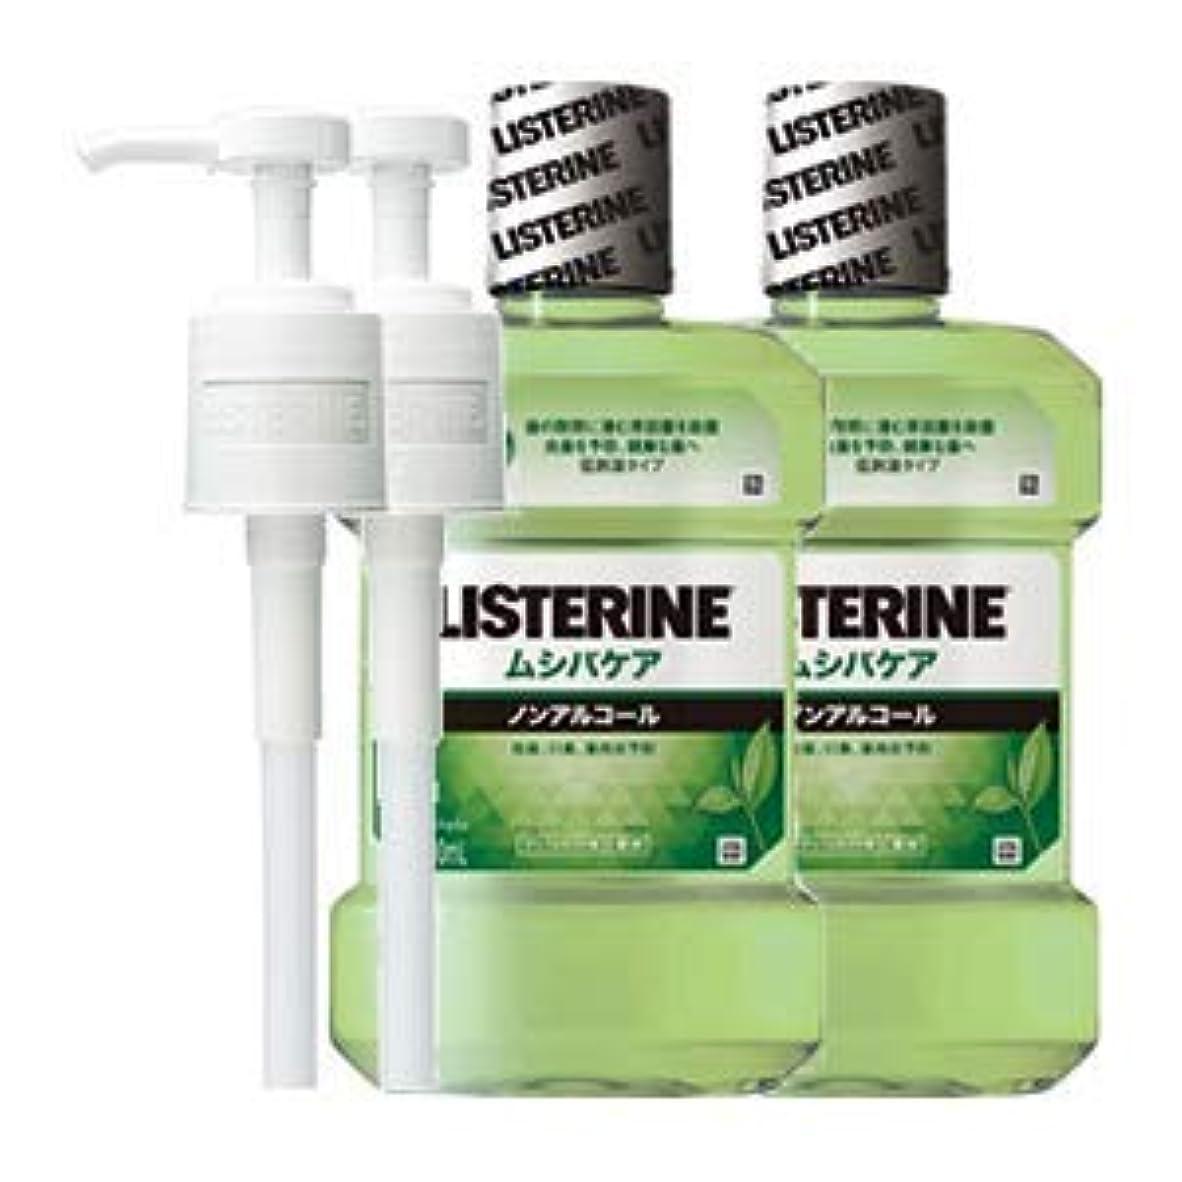 石鹸聖書従事した薬用リステリン ムシバケア (液体歯磨) 1000mL 2点セット (ポンプ付)